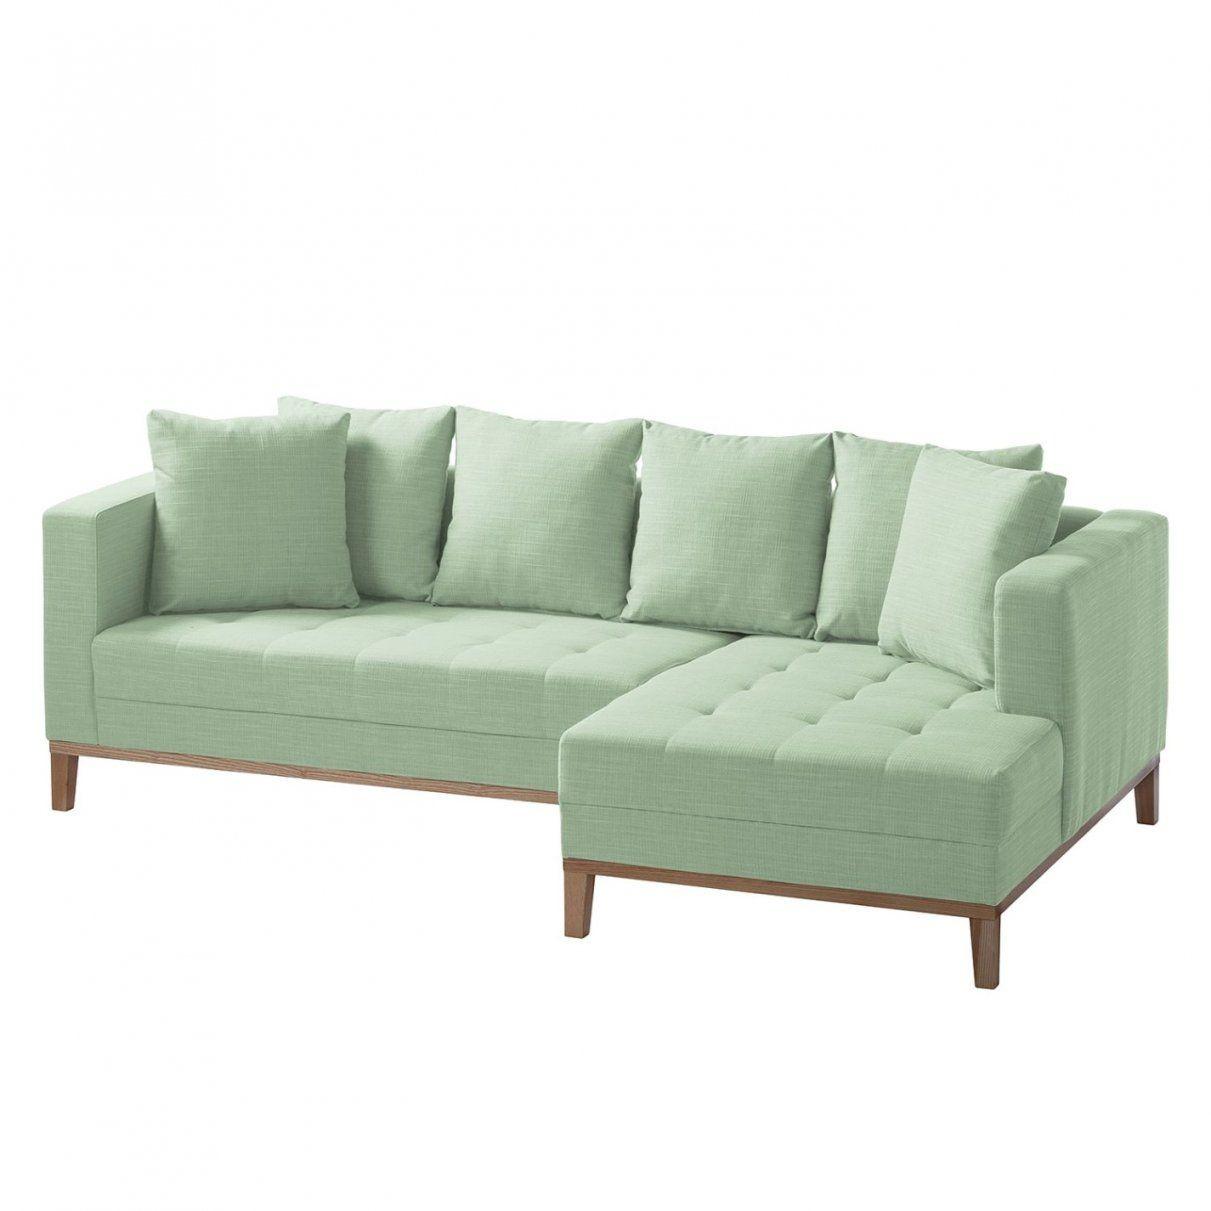 Sofa Design Ideen Und Bilder  Haazendesign von Sofaüberwurf Ecksofa Mit Ottomane Bild